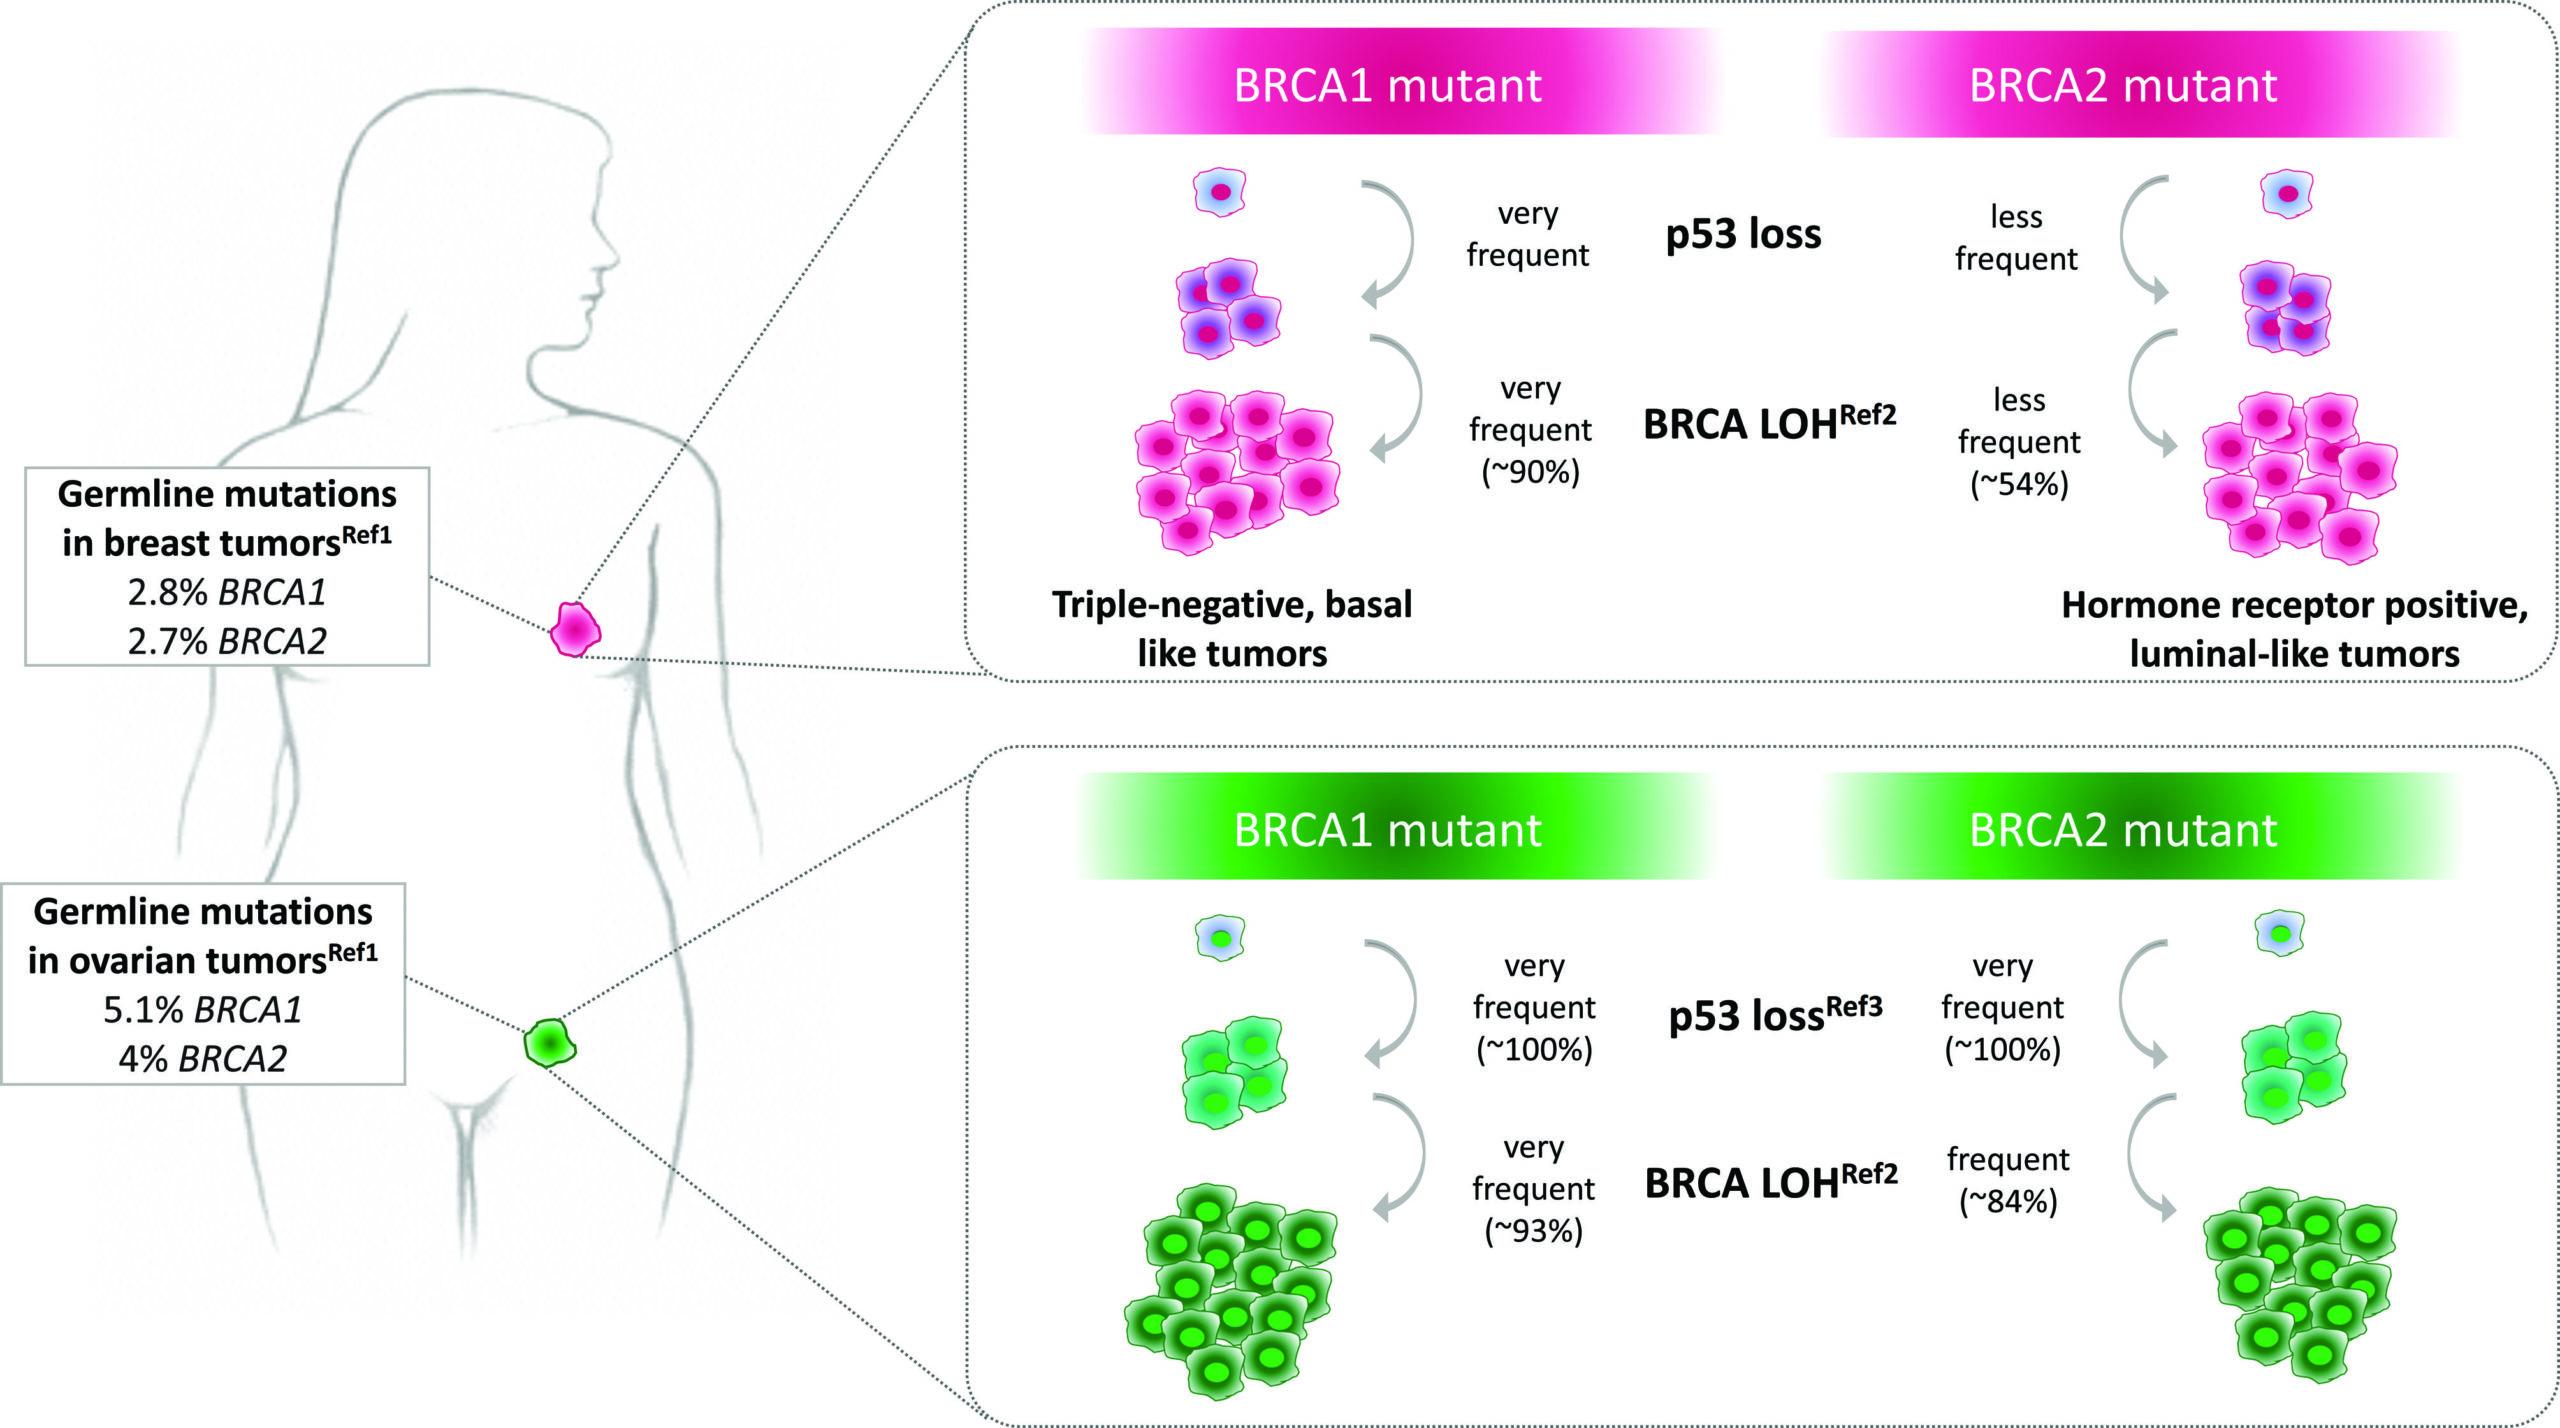 Мутации в генах BRCA1 и BRCA2